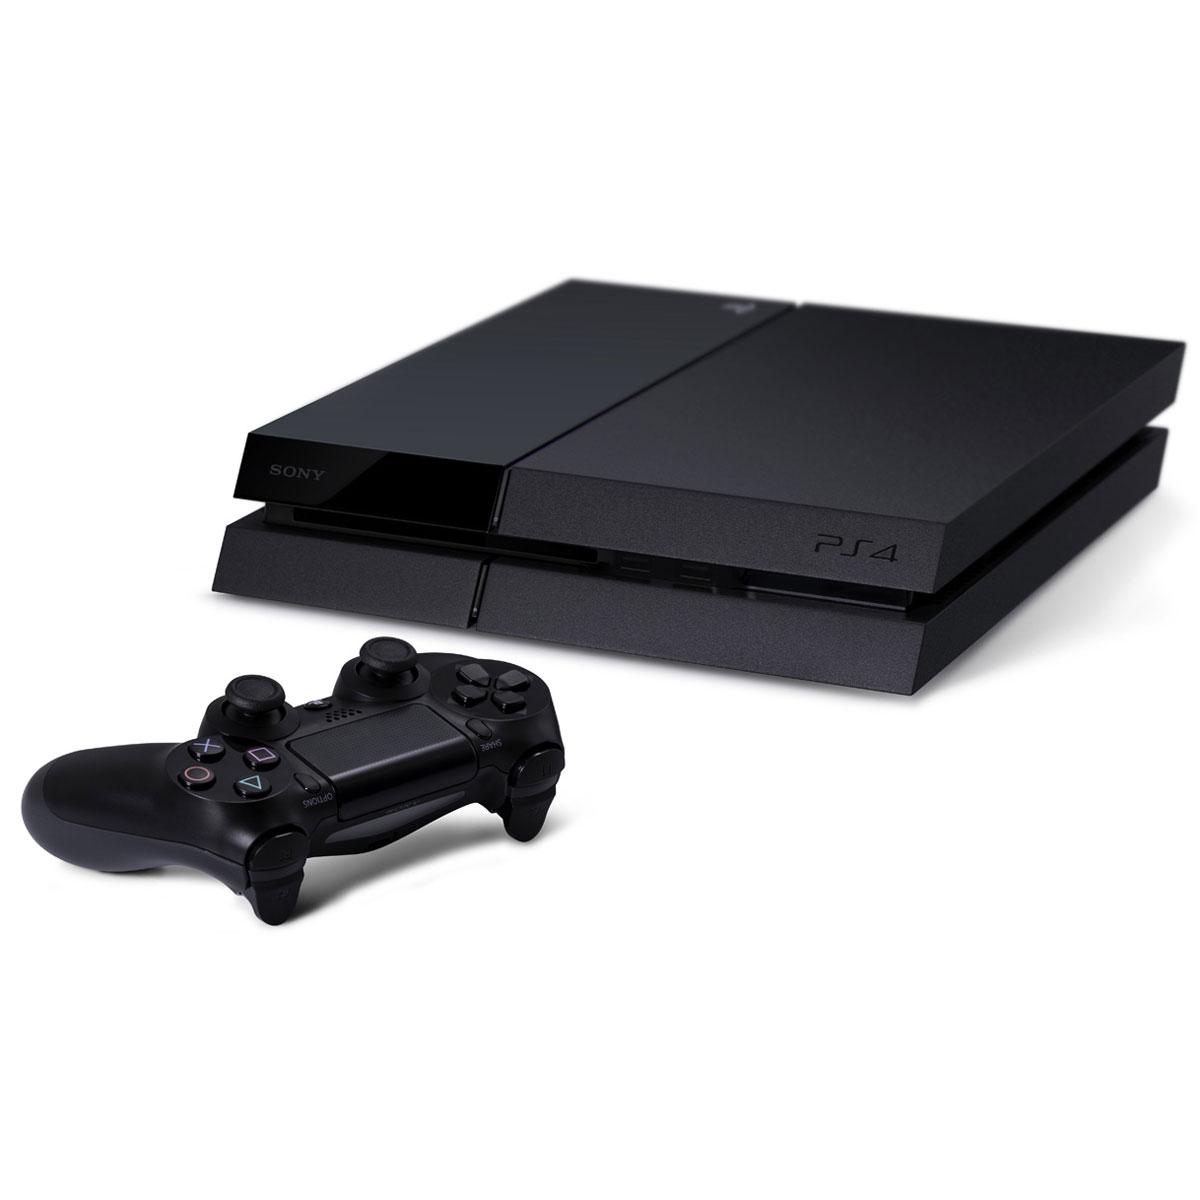 Console PS4 Sony PlayStation 4 (500 Go) Console de jeux-vidéo nouvelle génération avec disque dur 500 Go et manette sans fil